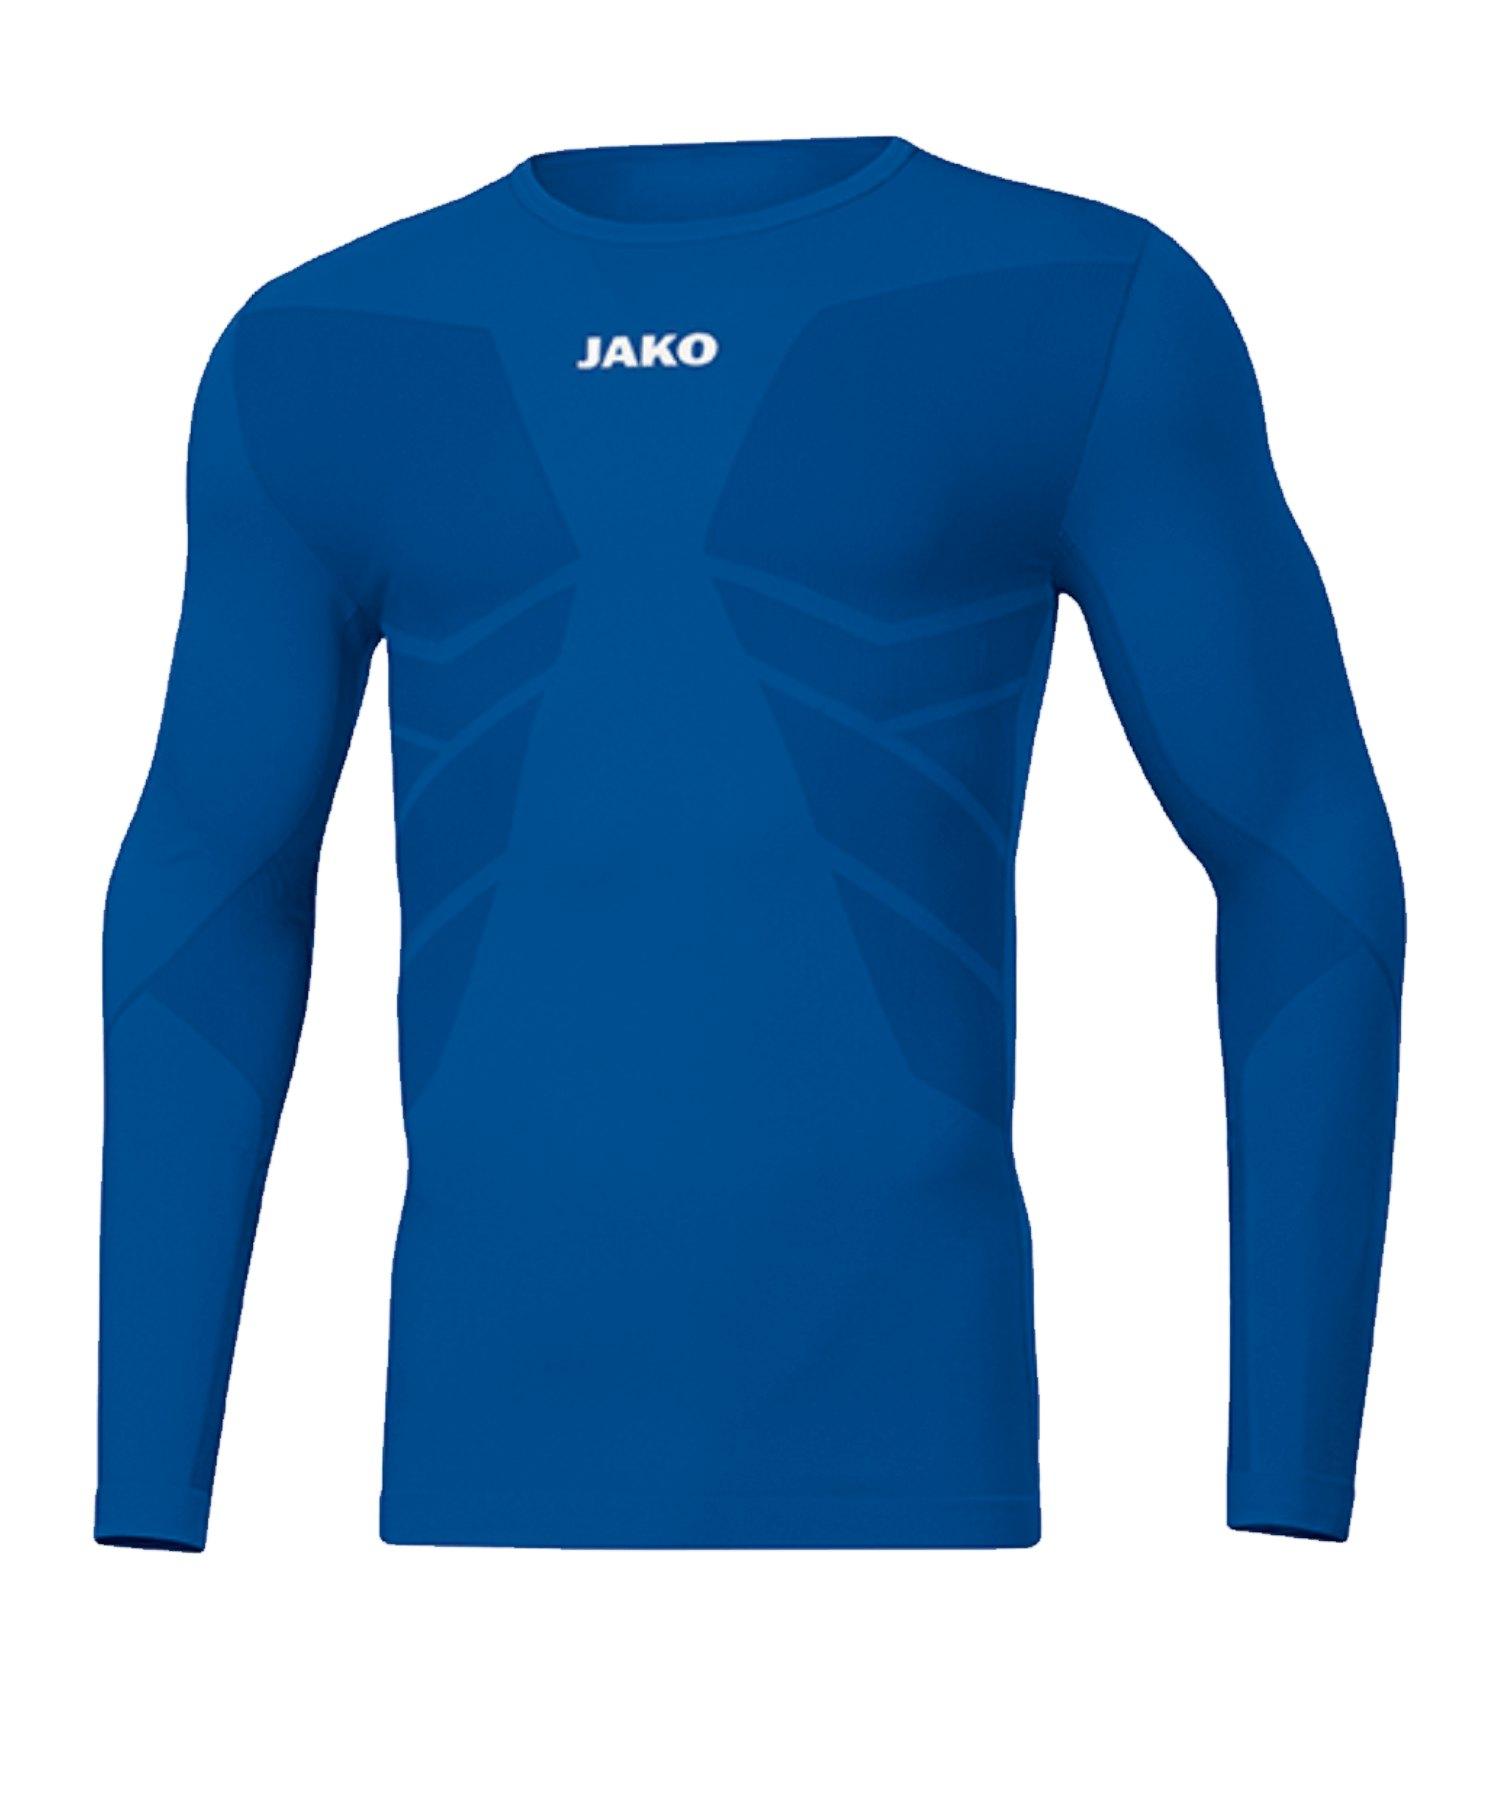 JAKO Comfort 2.0 langarm Kids Blau F04 - blau